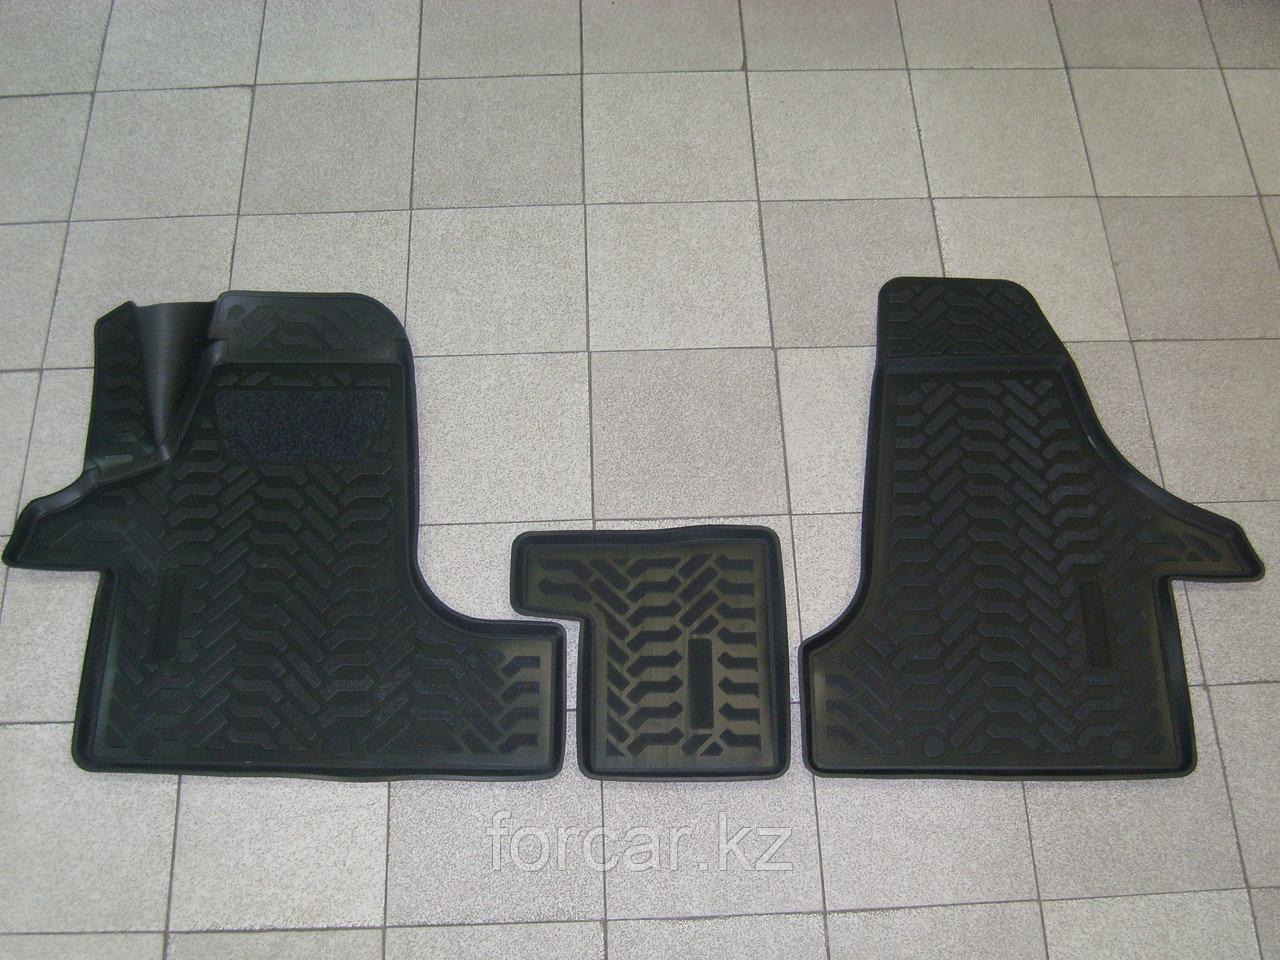 Коврики в салон Volkswagen T5/6 Transporter, Caravelle. Multivan (2003-) салон (передние) (3D с подпятником)